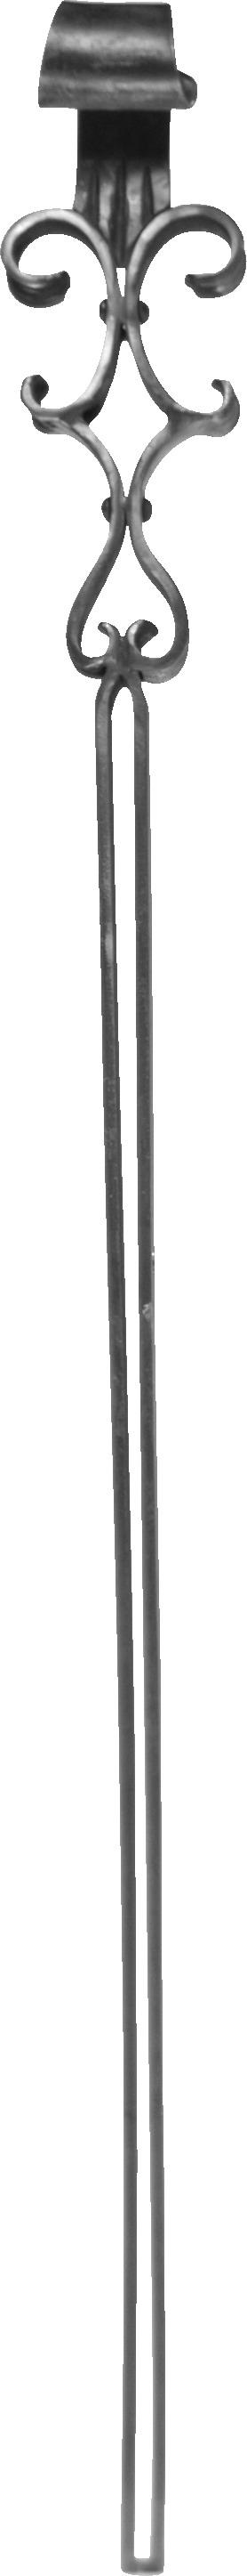 Volute pour pieds de table 1265X125